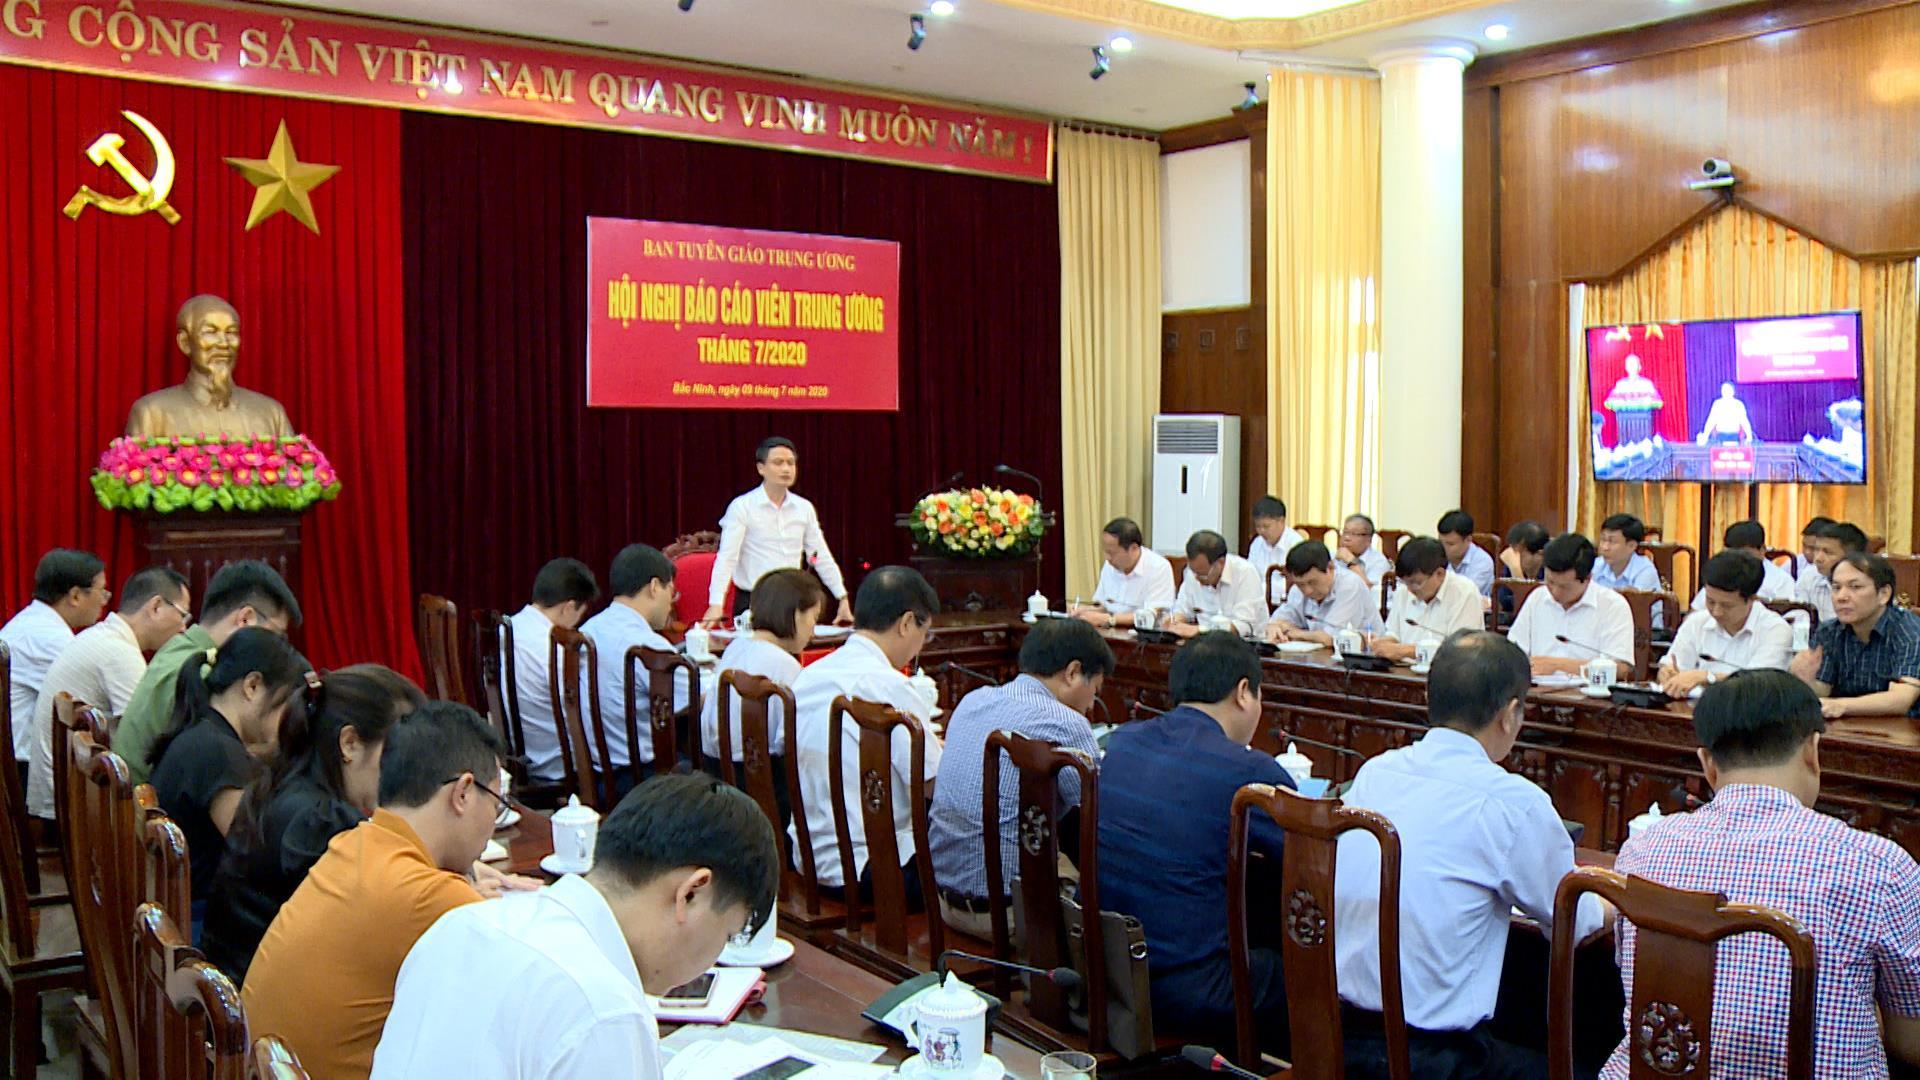 Hội nghị báo cáo viên Trung ương tháng 7/2020